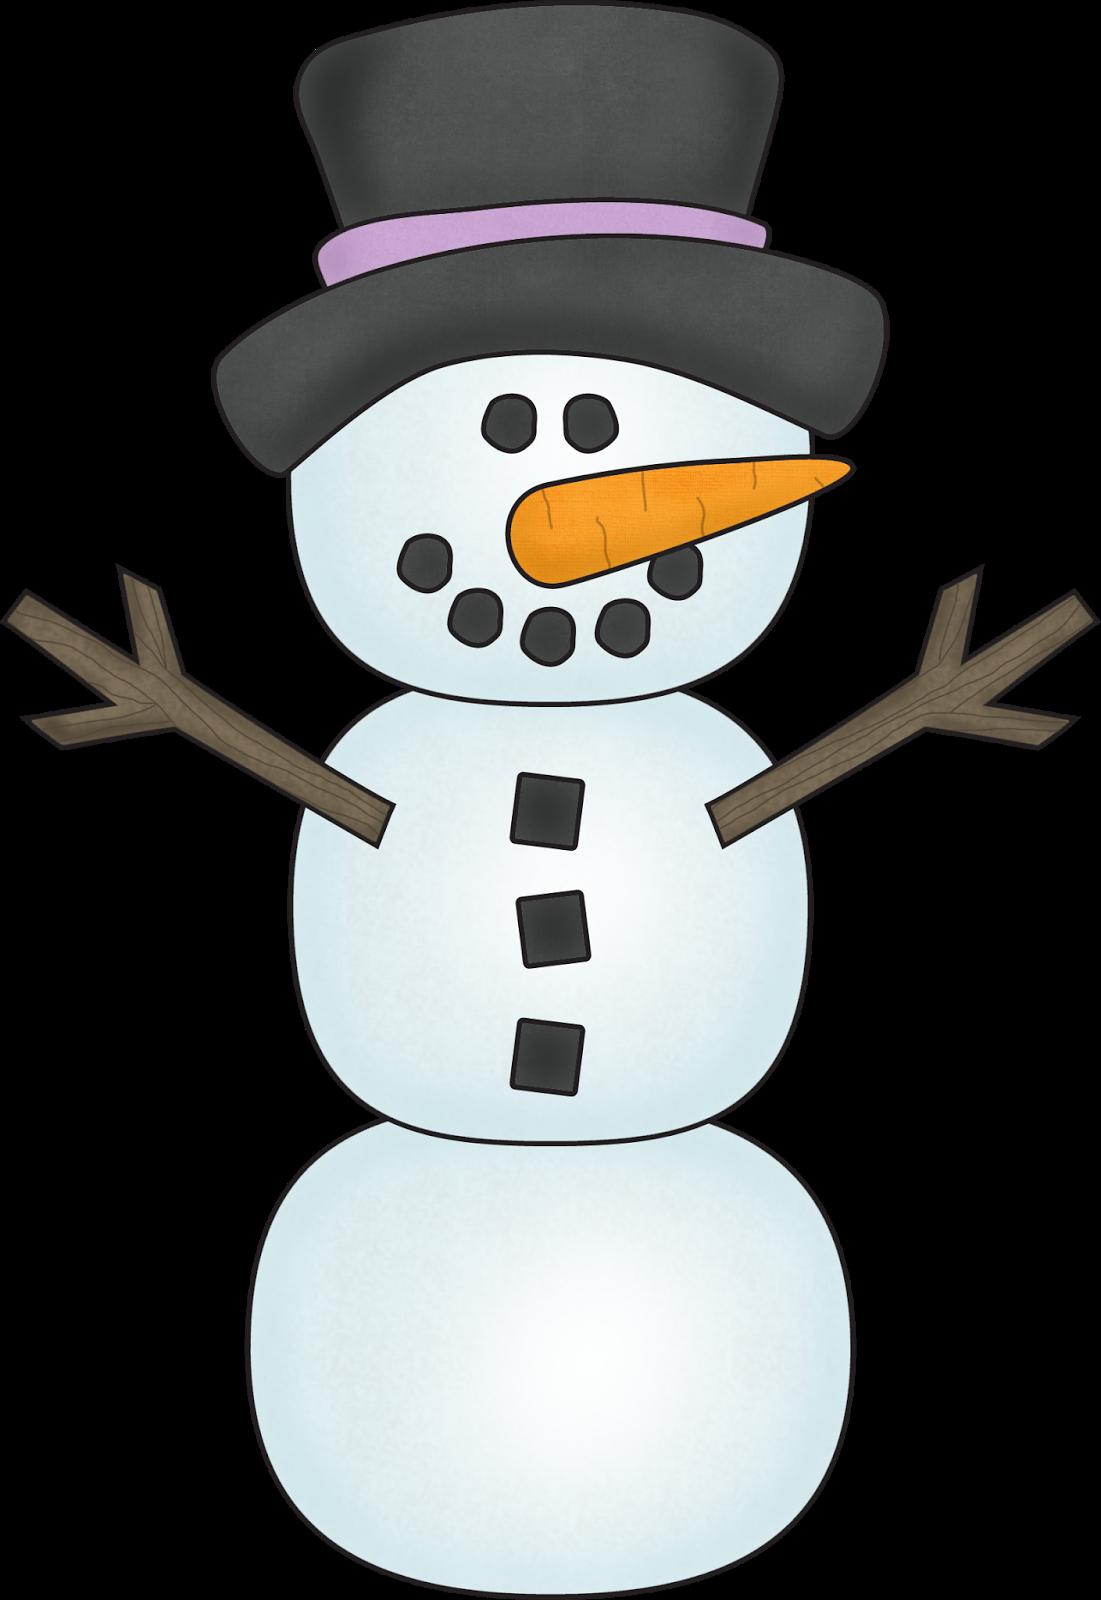 Cold clipart brrrr. Mrs laue s littles